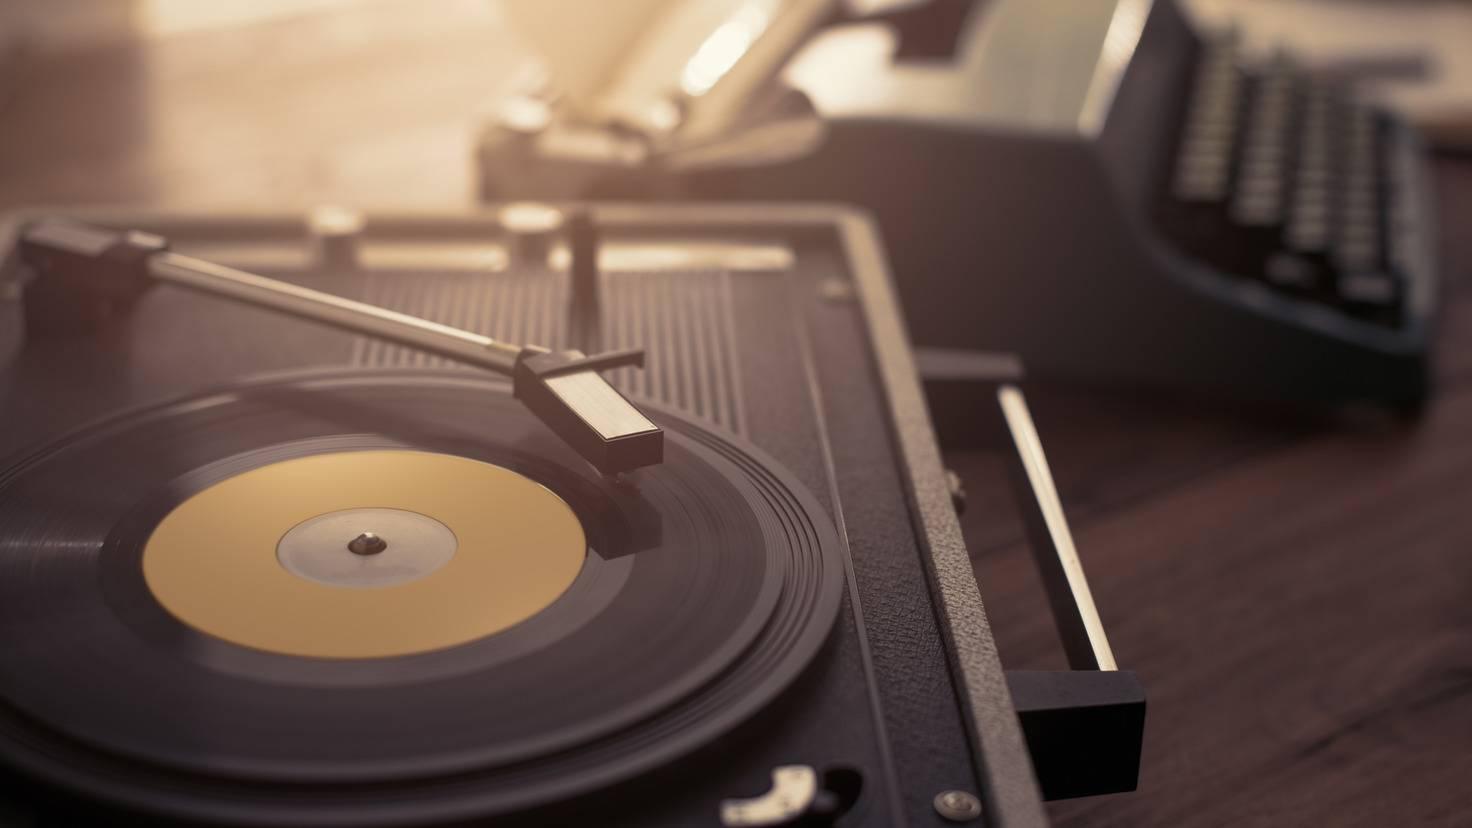 Plattenspieler-AdobeStock-198163258-stokkete